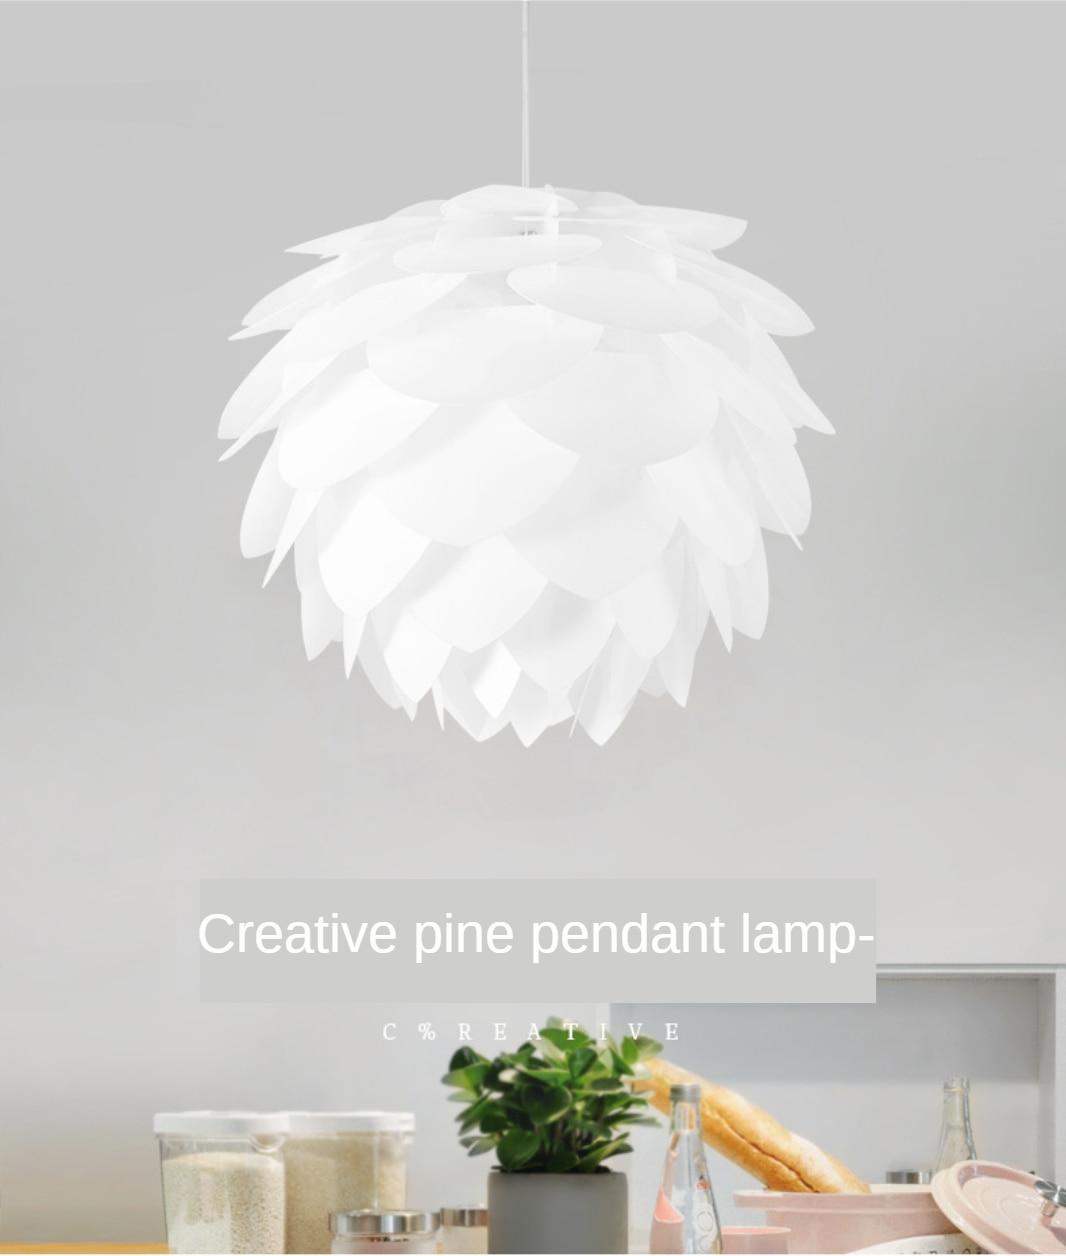 ثريا Led على شكل مخروط الصنوبر ، مصباح متوسطي ، أبيض ، لغرفة المعيشة وغرفة النوم وغرفة الطعام والديكور المنزلي